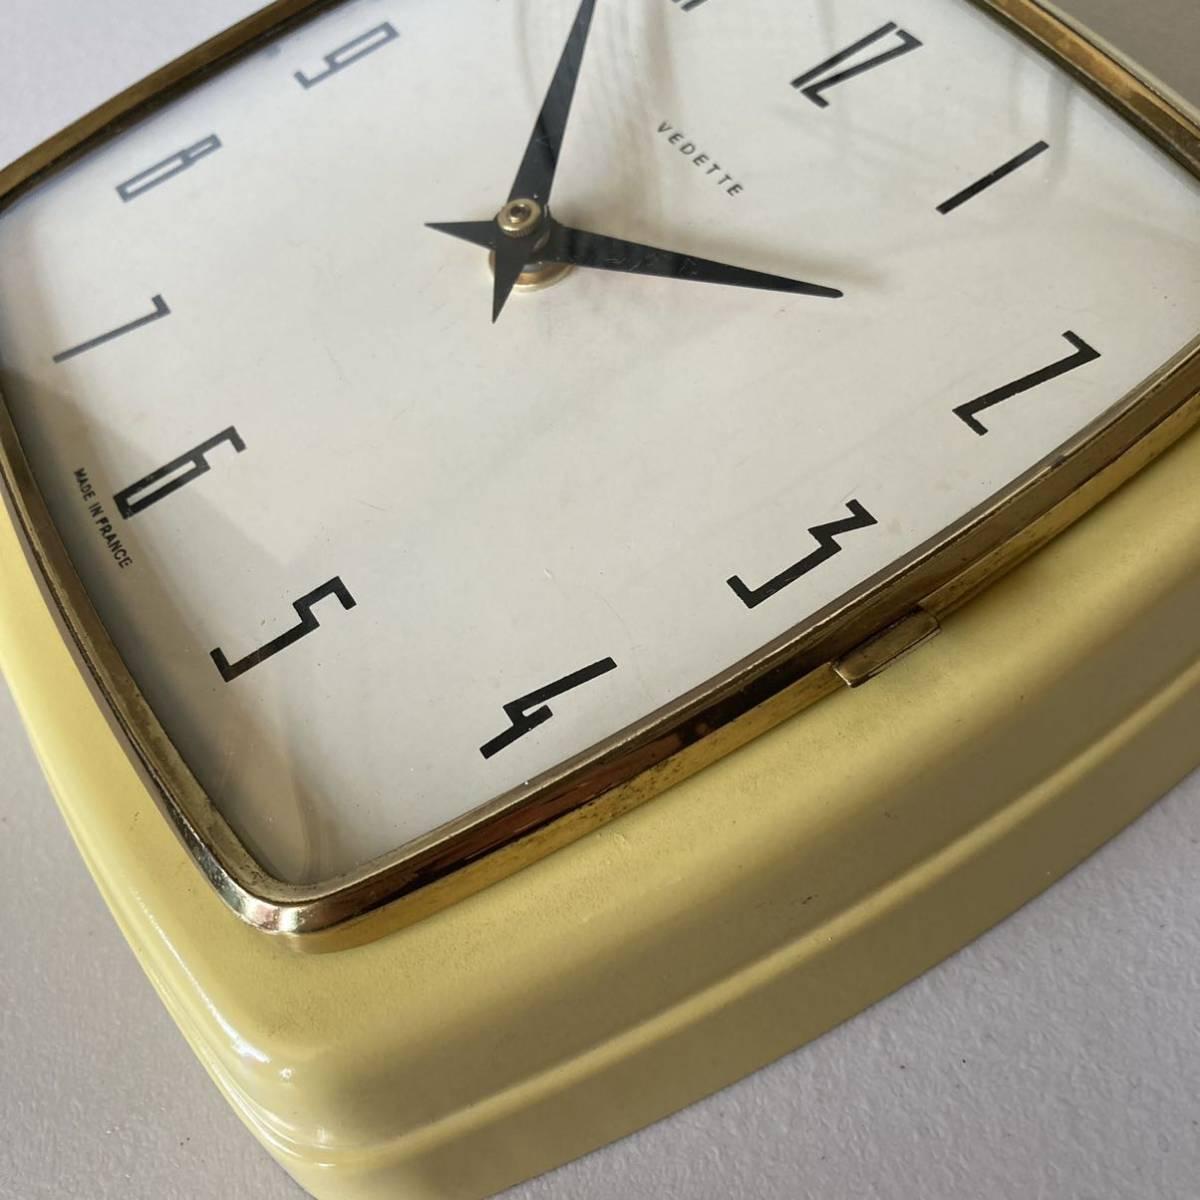 フランス ヴィンテージ ウォールクロック ミッドセンチュリー インテリア ディスプレイ 店舗什器 掛け時計 デザイン_画像8